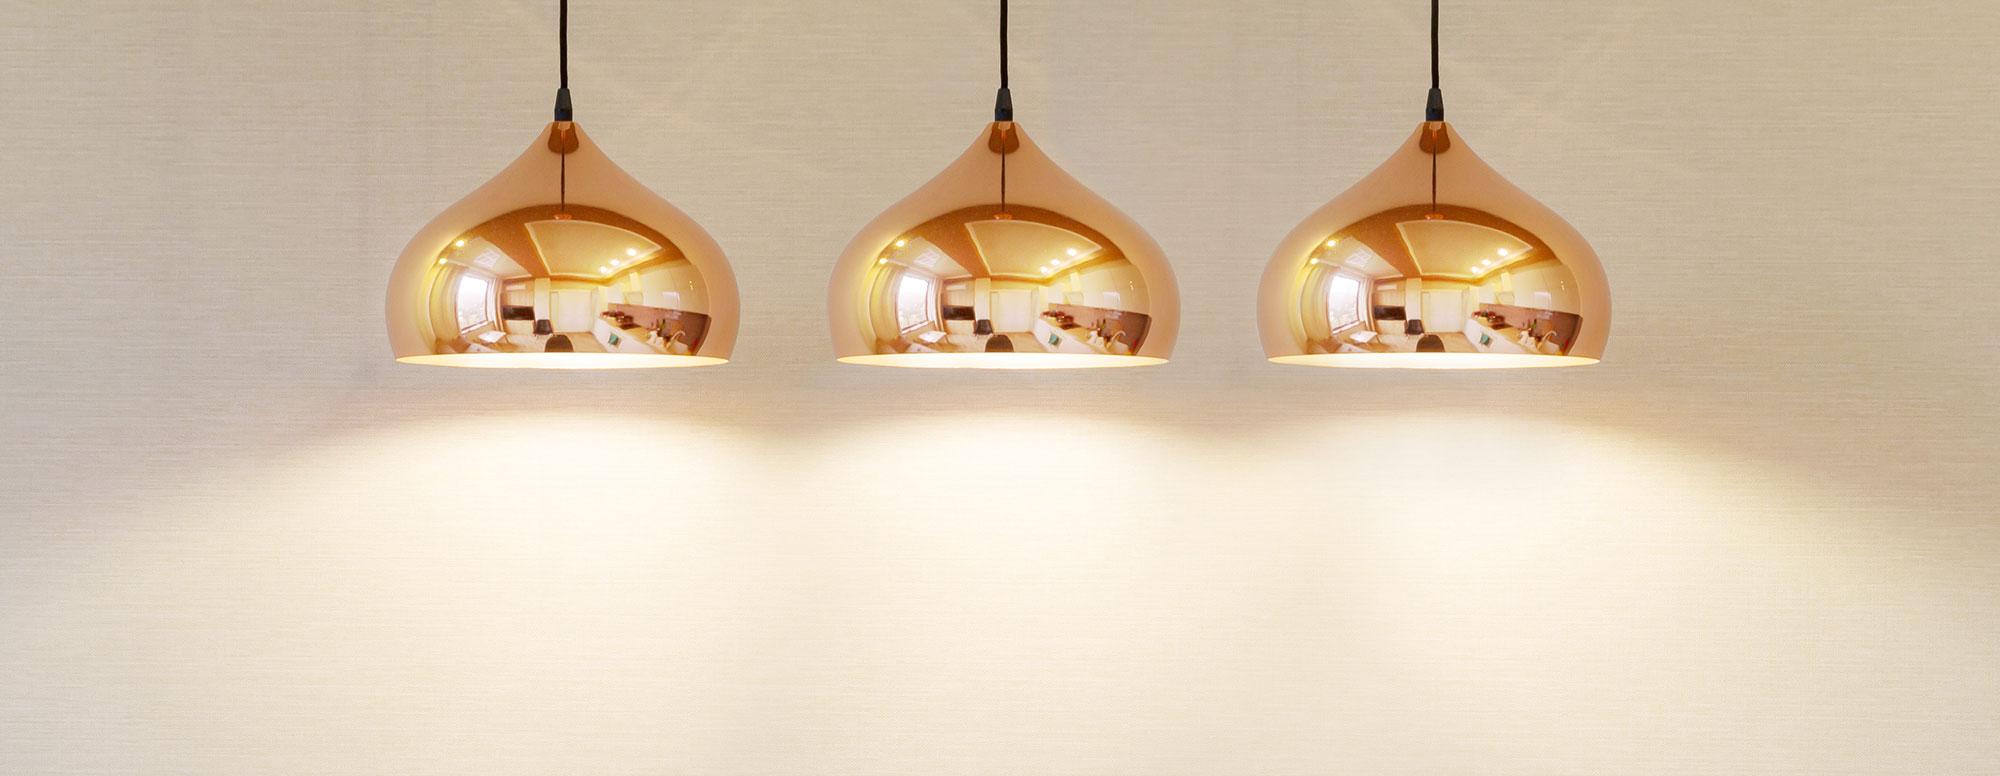 Beleuchtung & Design